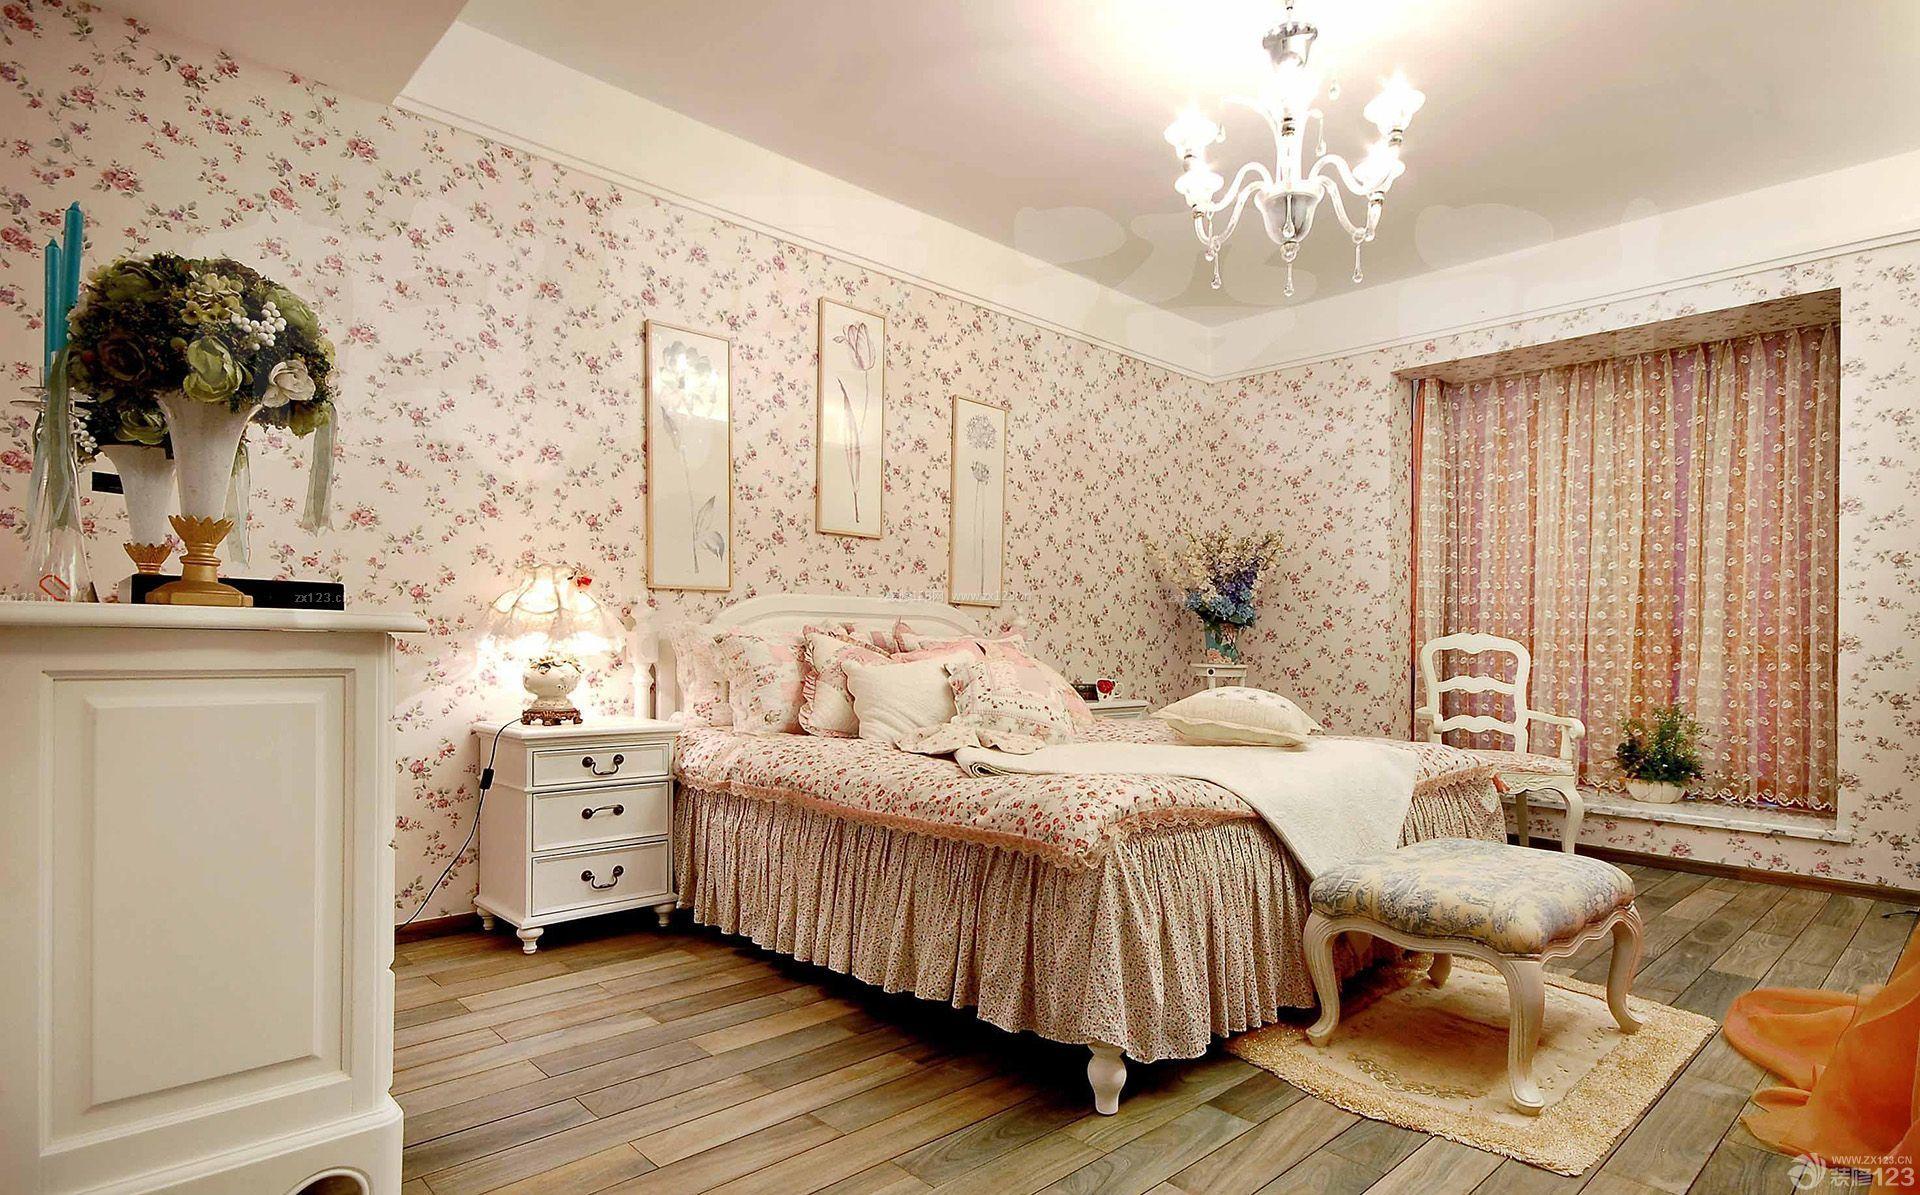 90平米温馨卧室房屋装修效果图大全